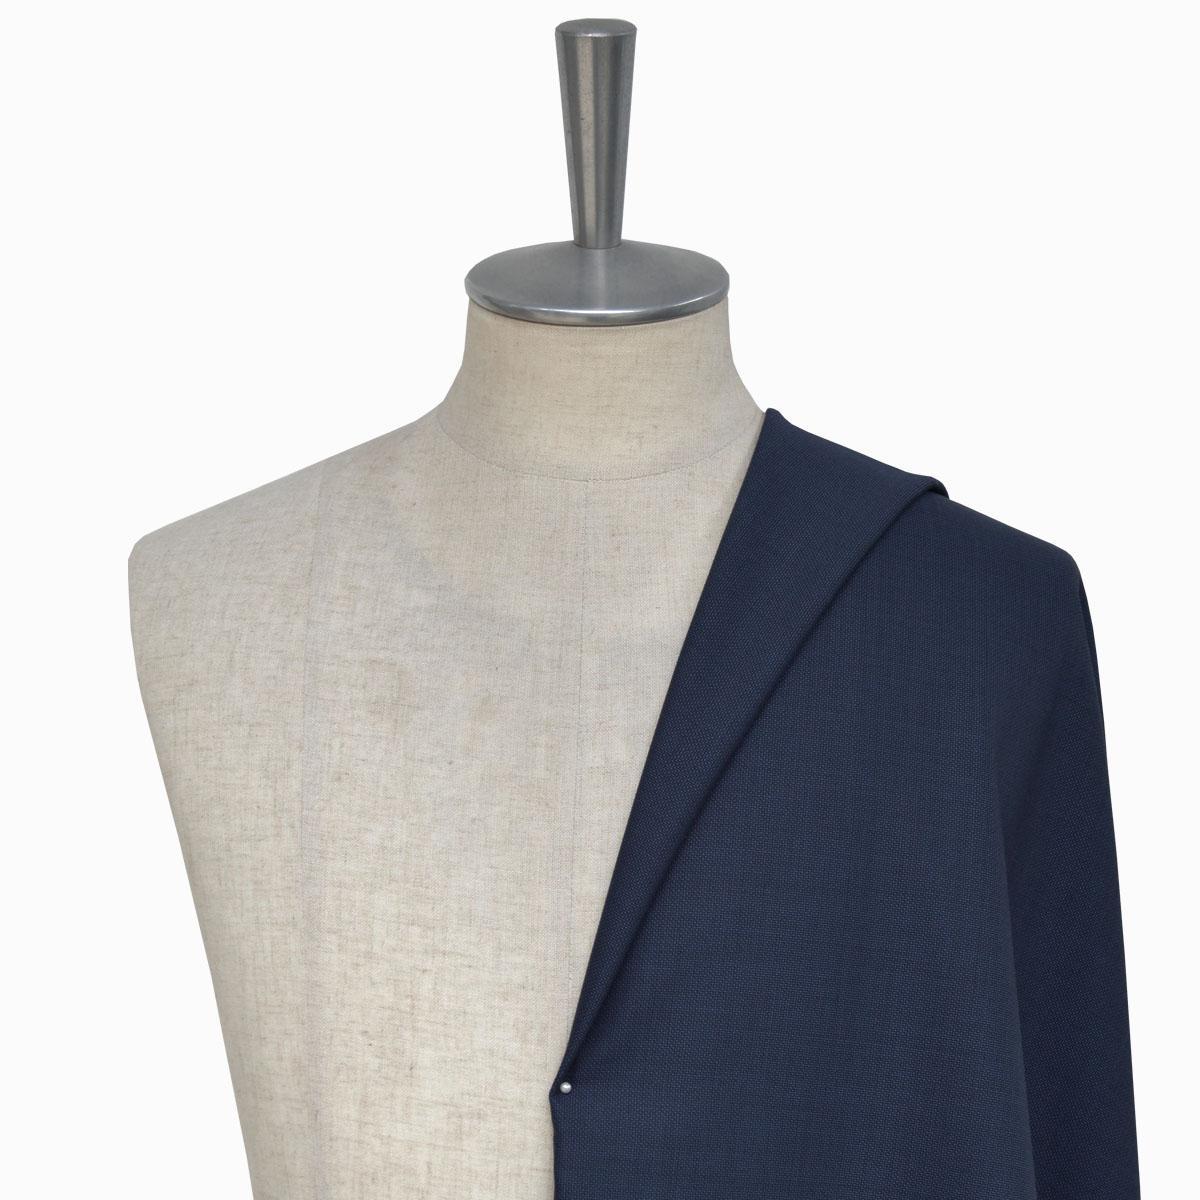 [オーダーレディーススーツ スカートセット]エネルギッシュでお洒落な雰囲気が際立つ!